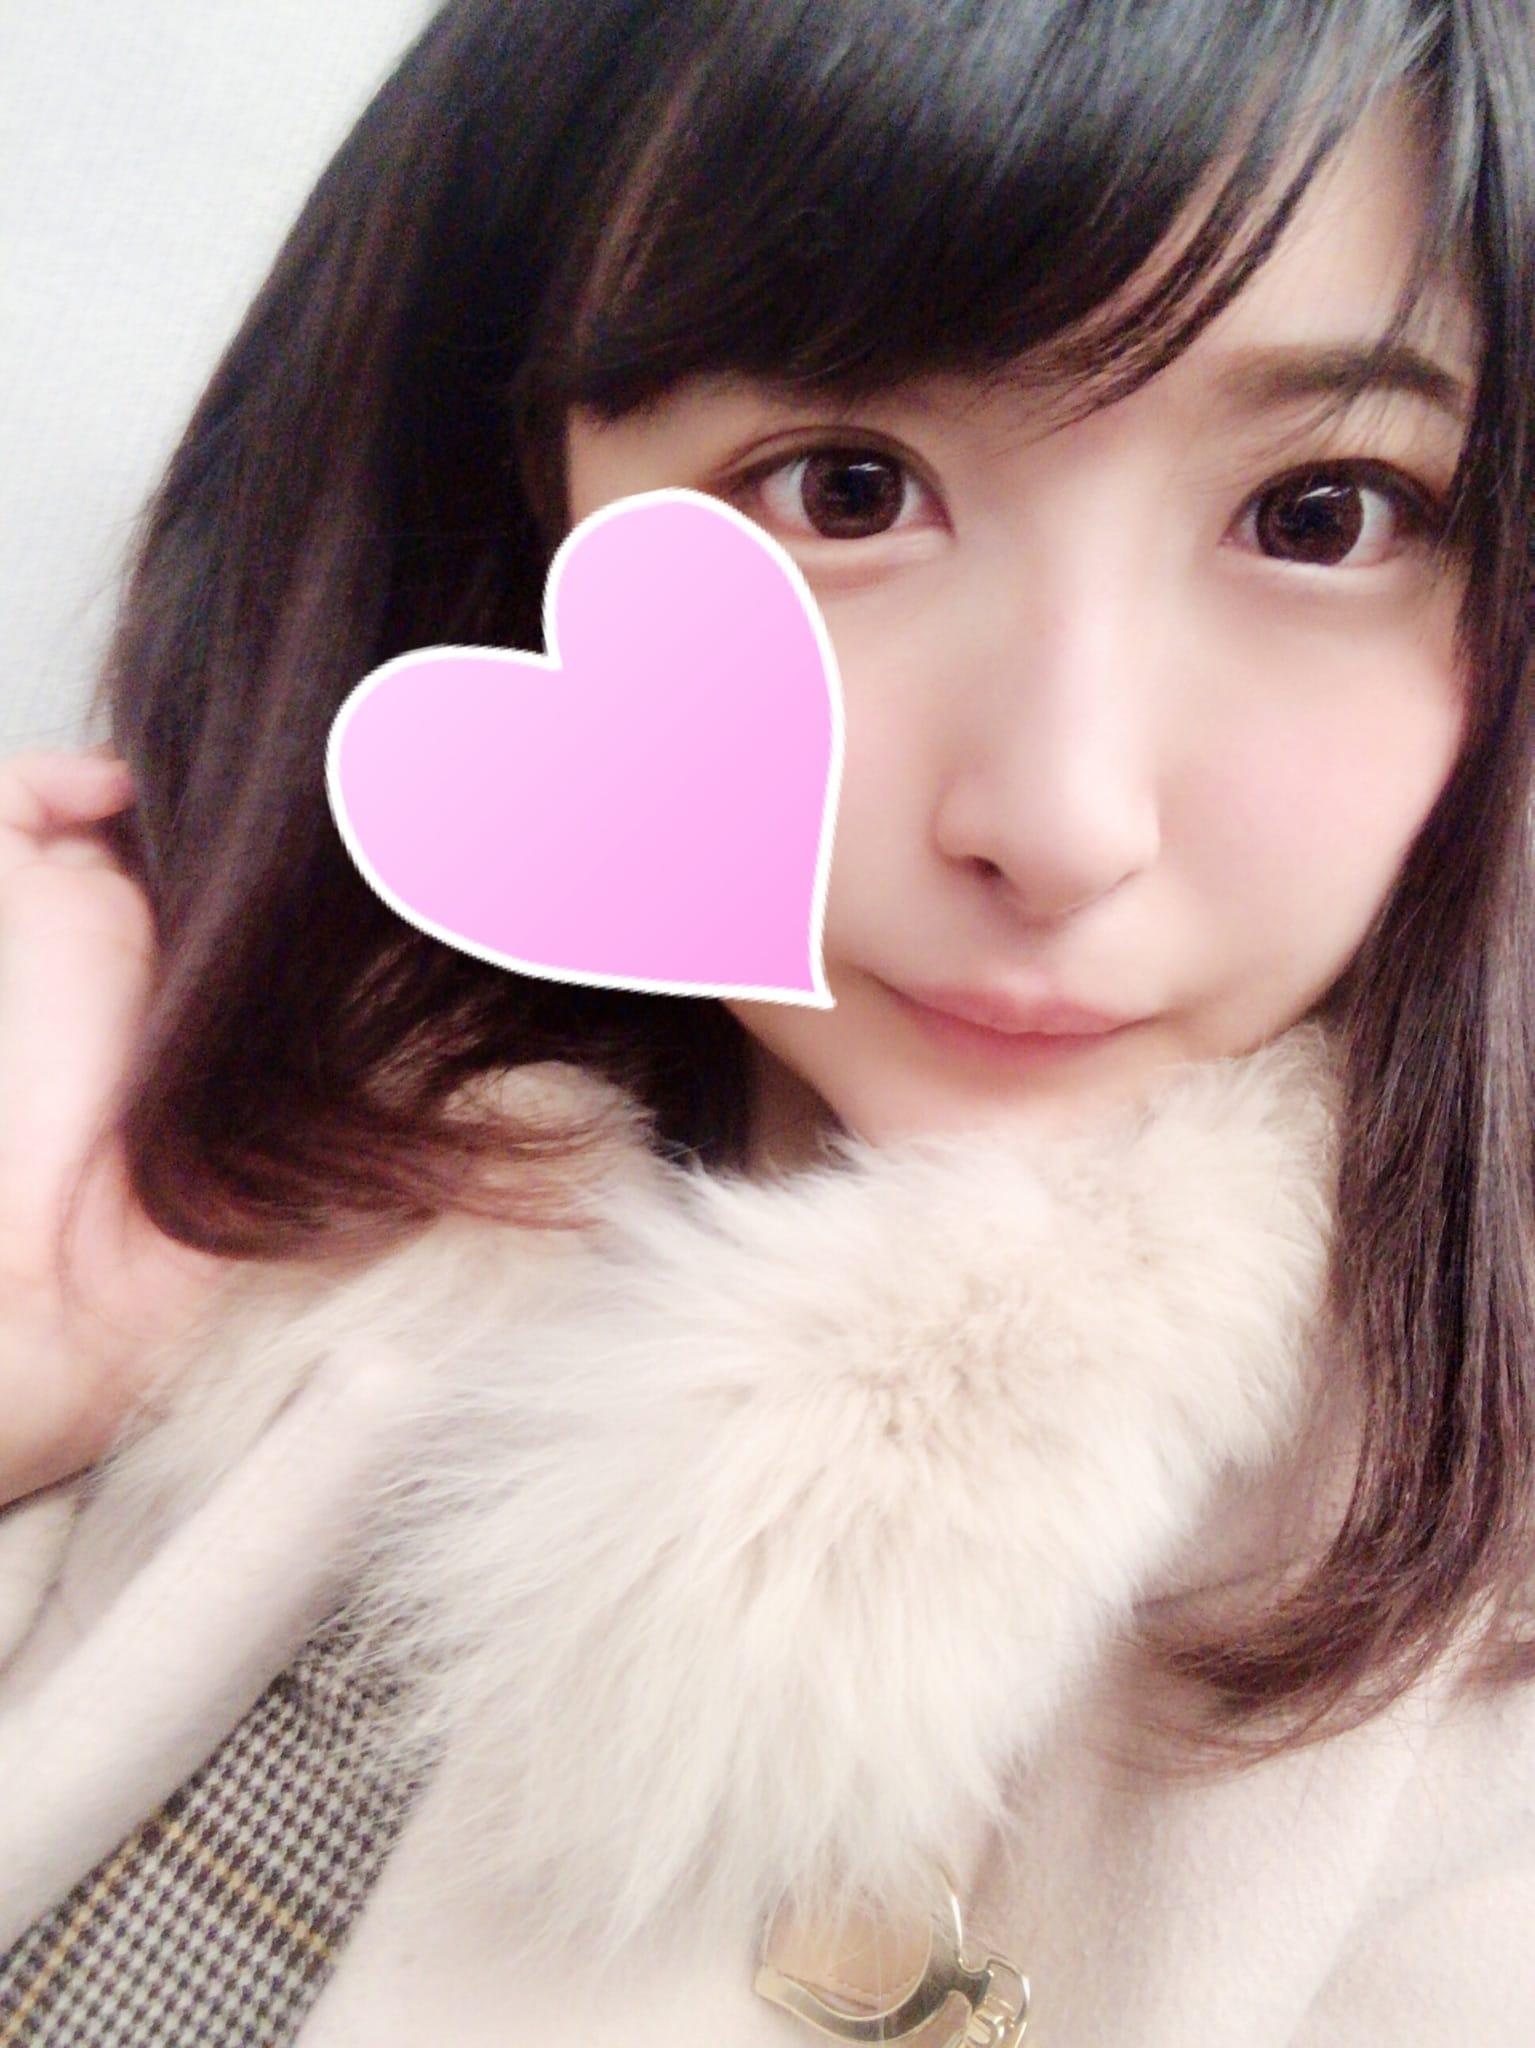 「昨日はありがとう♪」01/27(01/27) 20:00 | あいの写メ・風俗動画